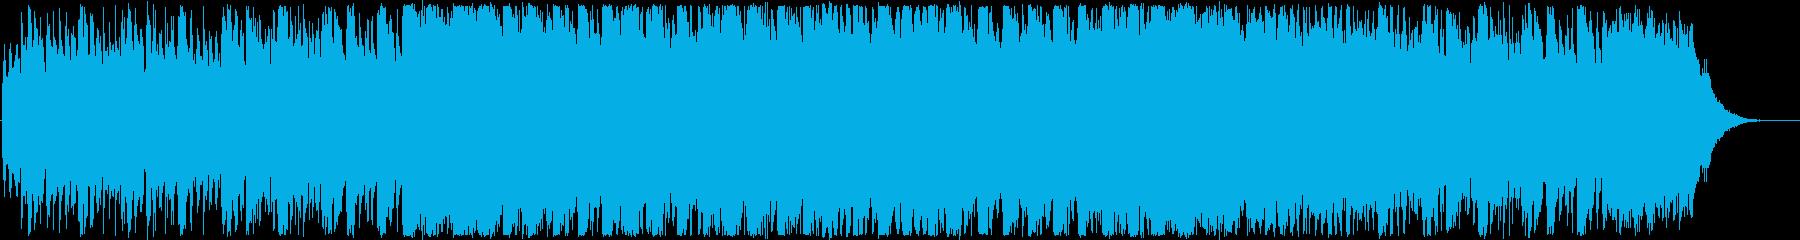 CM・キラキラ楽しい洋楽EDMの再生済みの波形